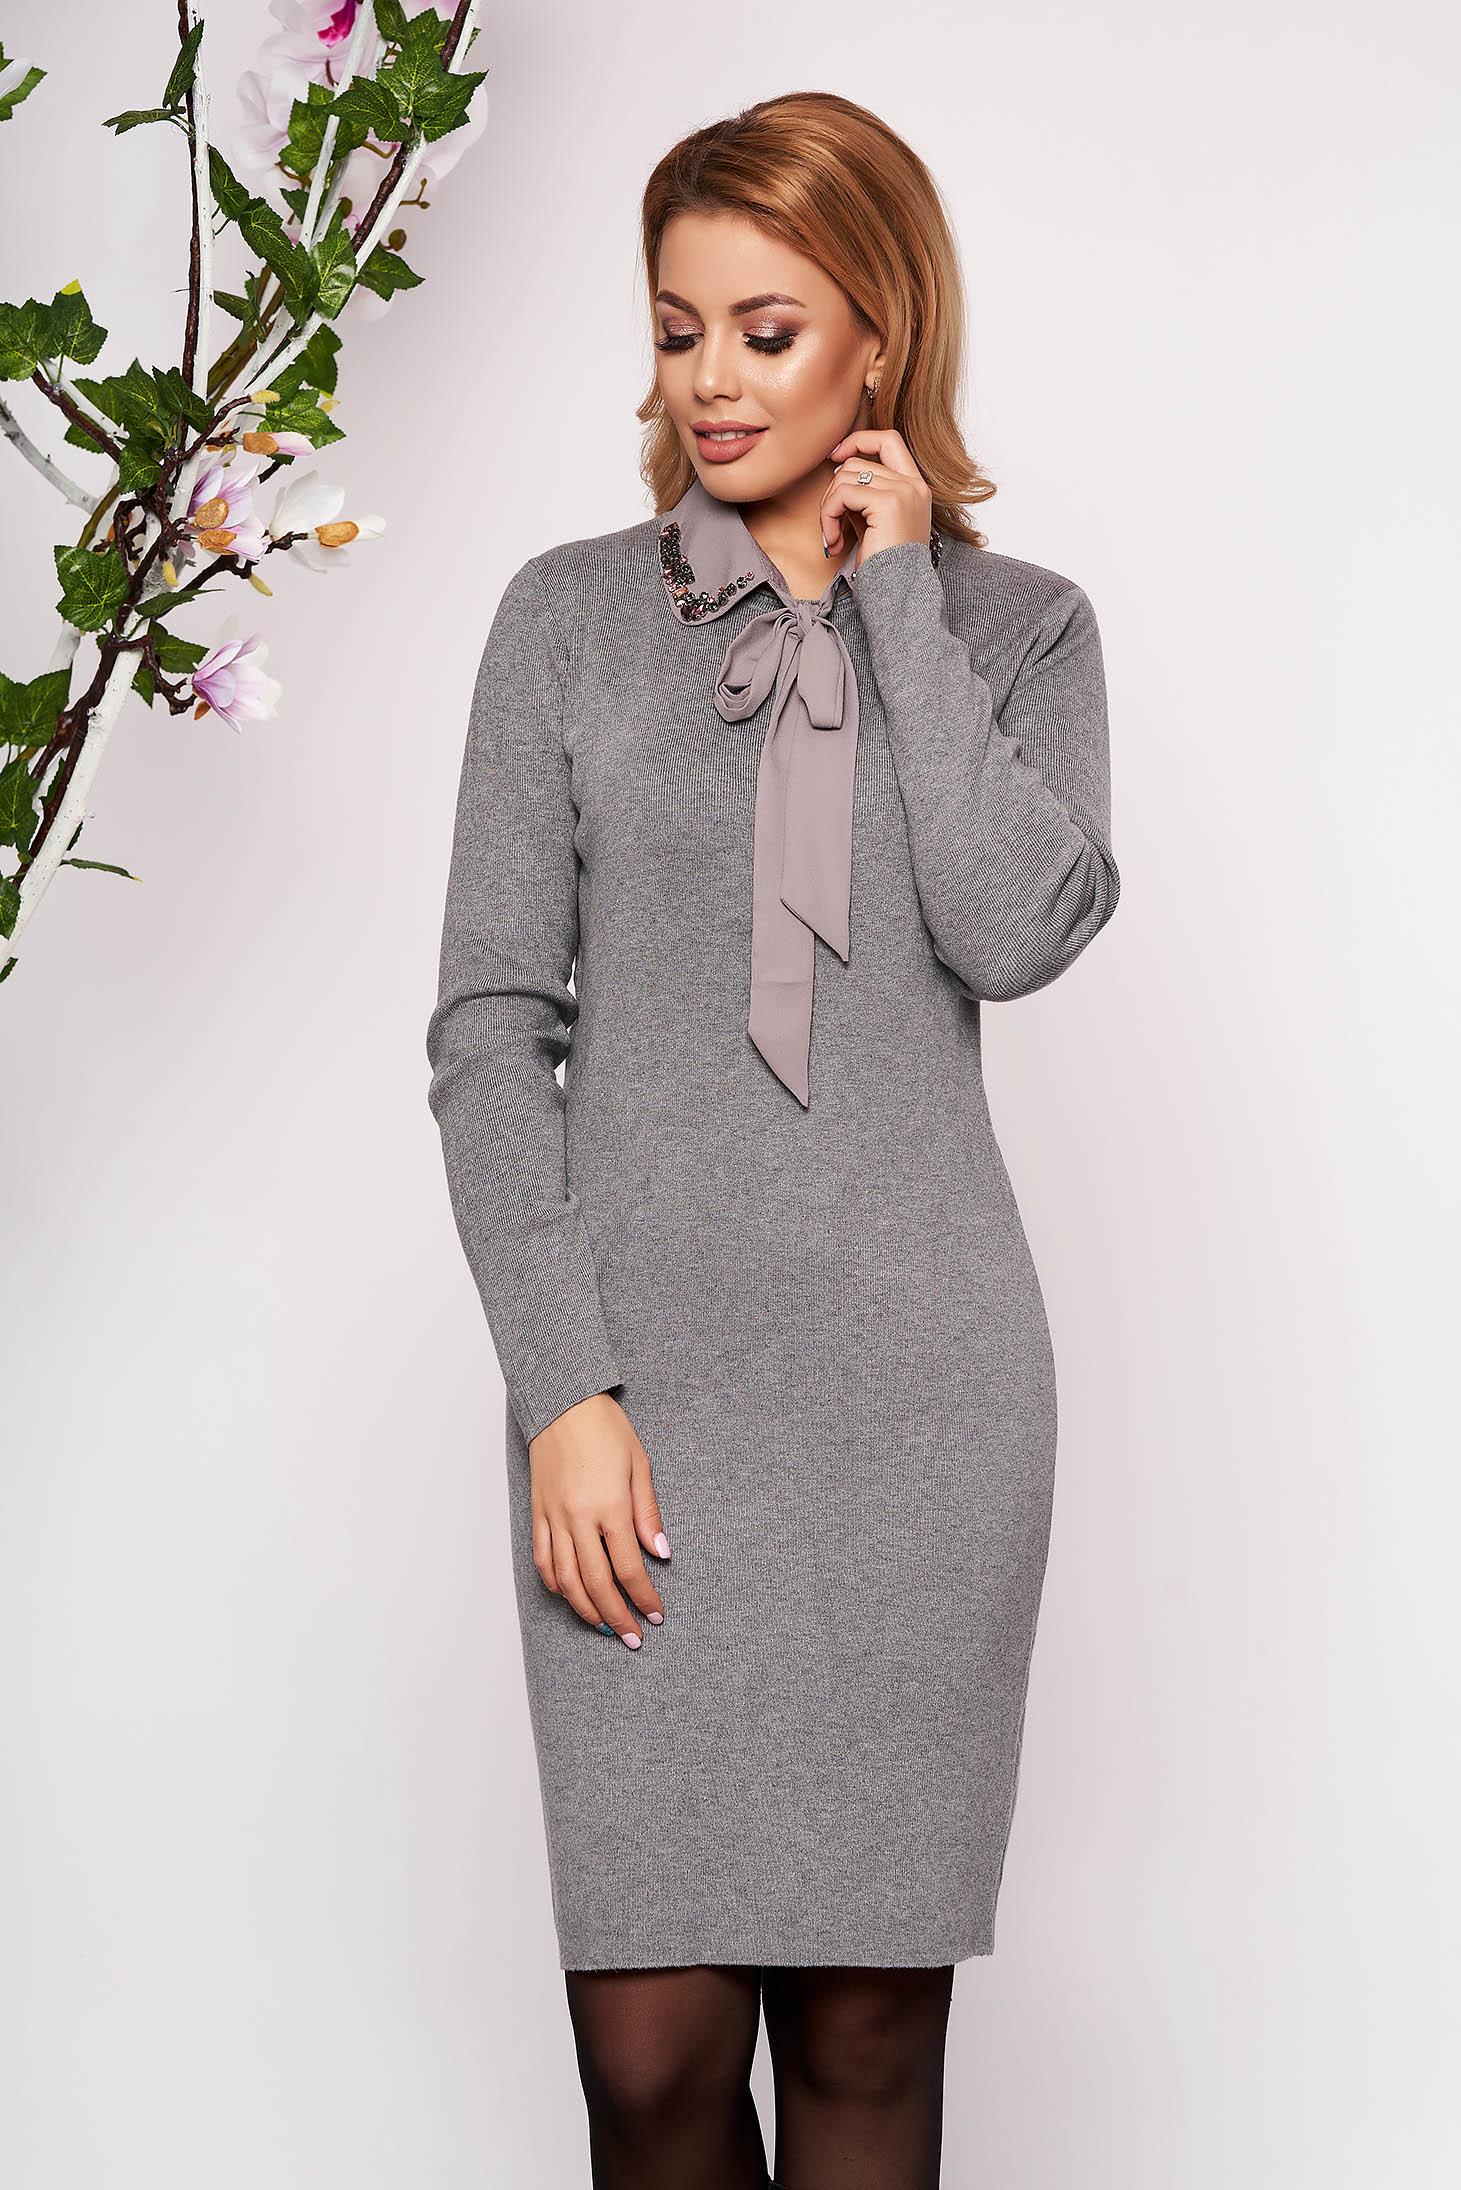 foarte ieftin magazin online pre-comanda Rochie SunShine gri eleganta scurta tricotata tip creion cu maneci ...